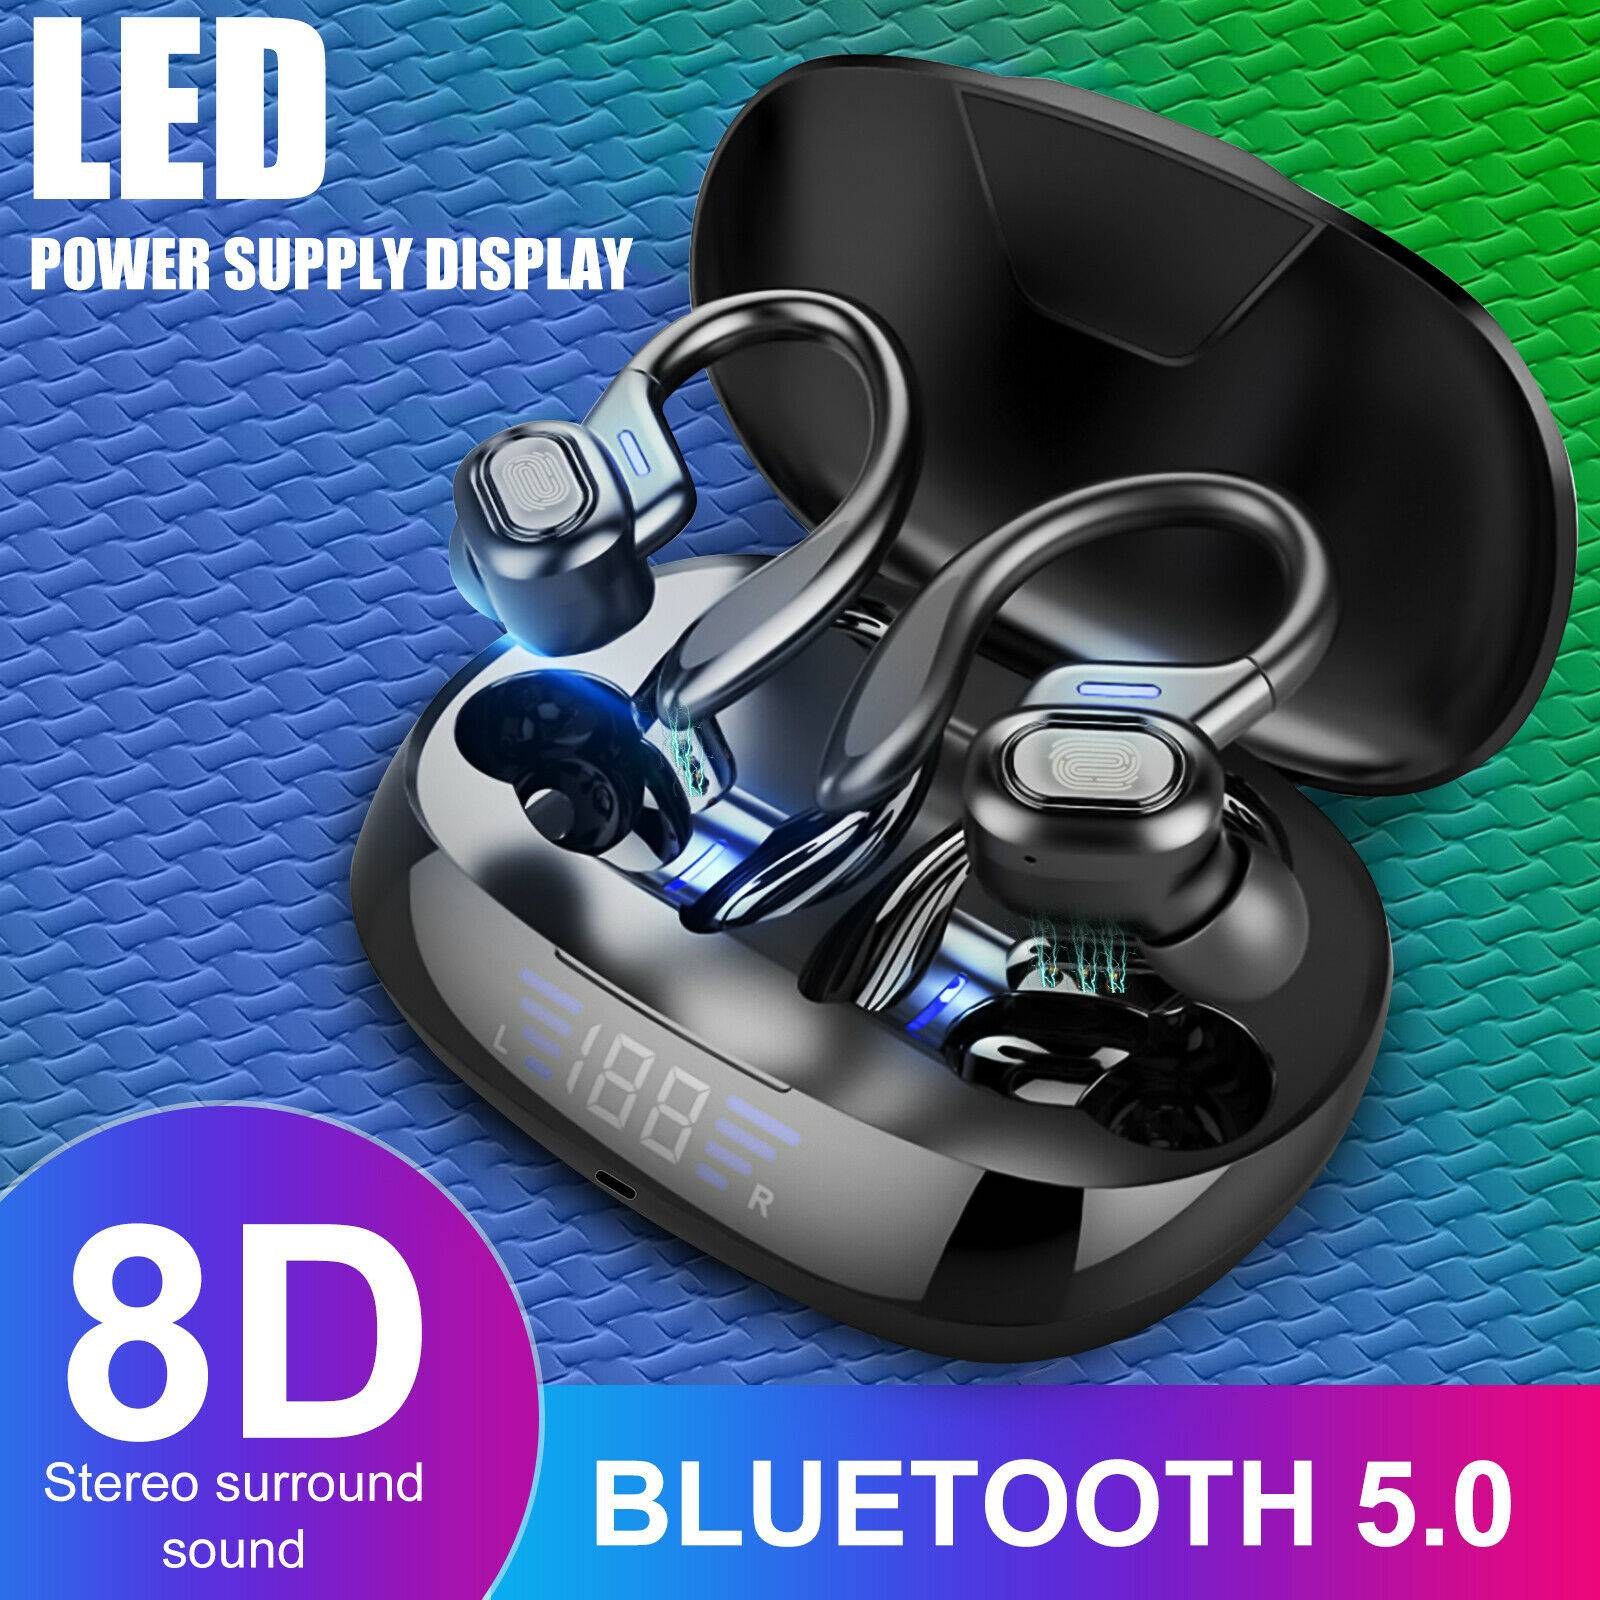 AliExpress Oreillettes sans fil Bluetooth 5.0 TWS, boîte de chargement, écouteurs, son Surround stéréo 8D HD,